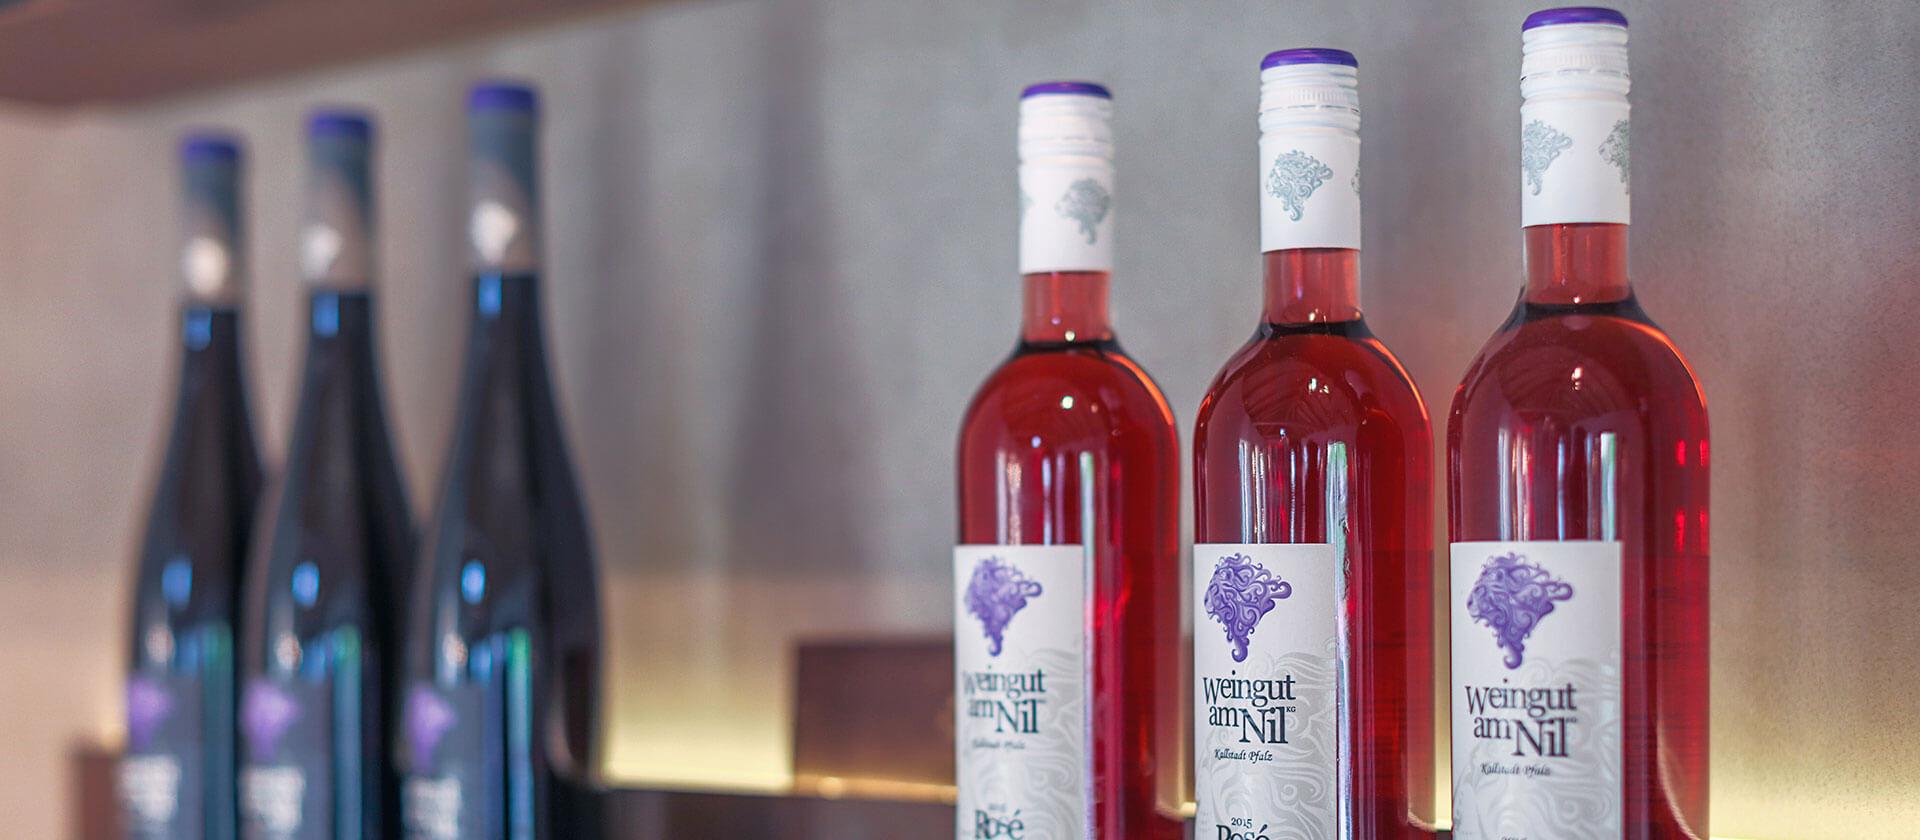 Die Weine des Weingut am Nil in Kallstadt